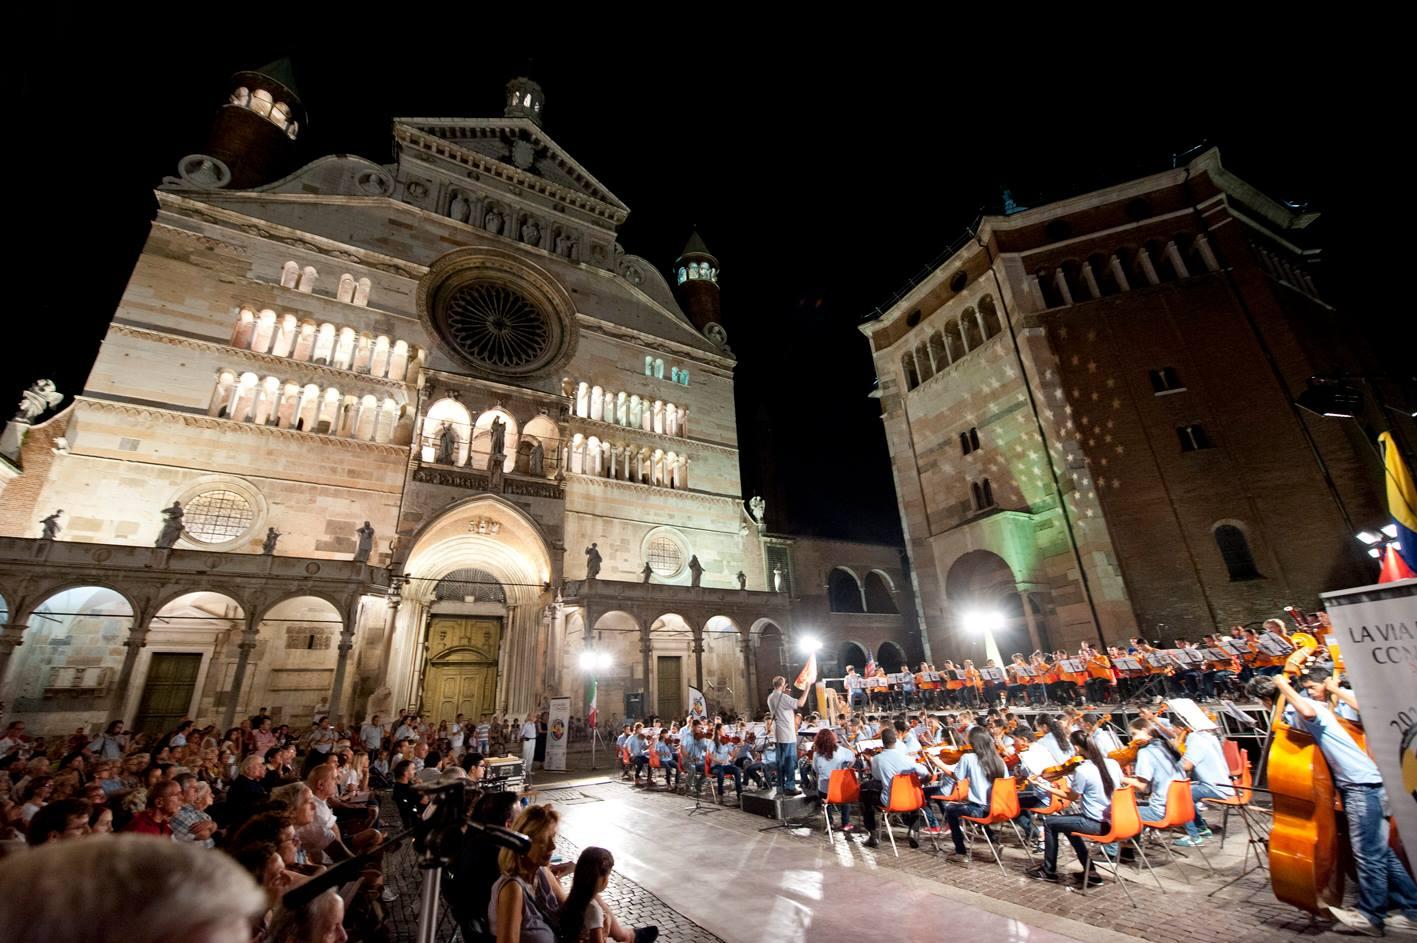 Turismo musicale, fino ad agosto 1.500 studenti ed insegnanti per studiare e fare musica